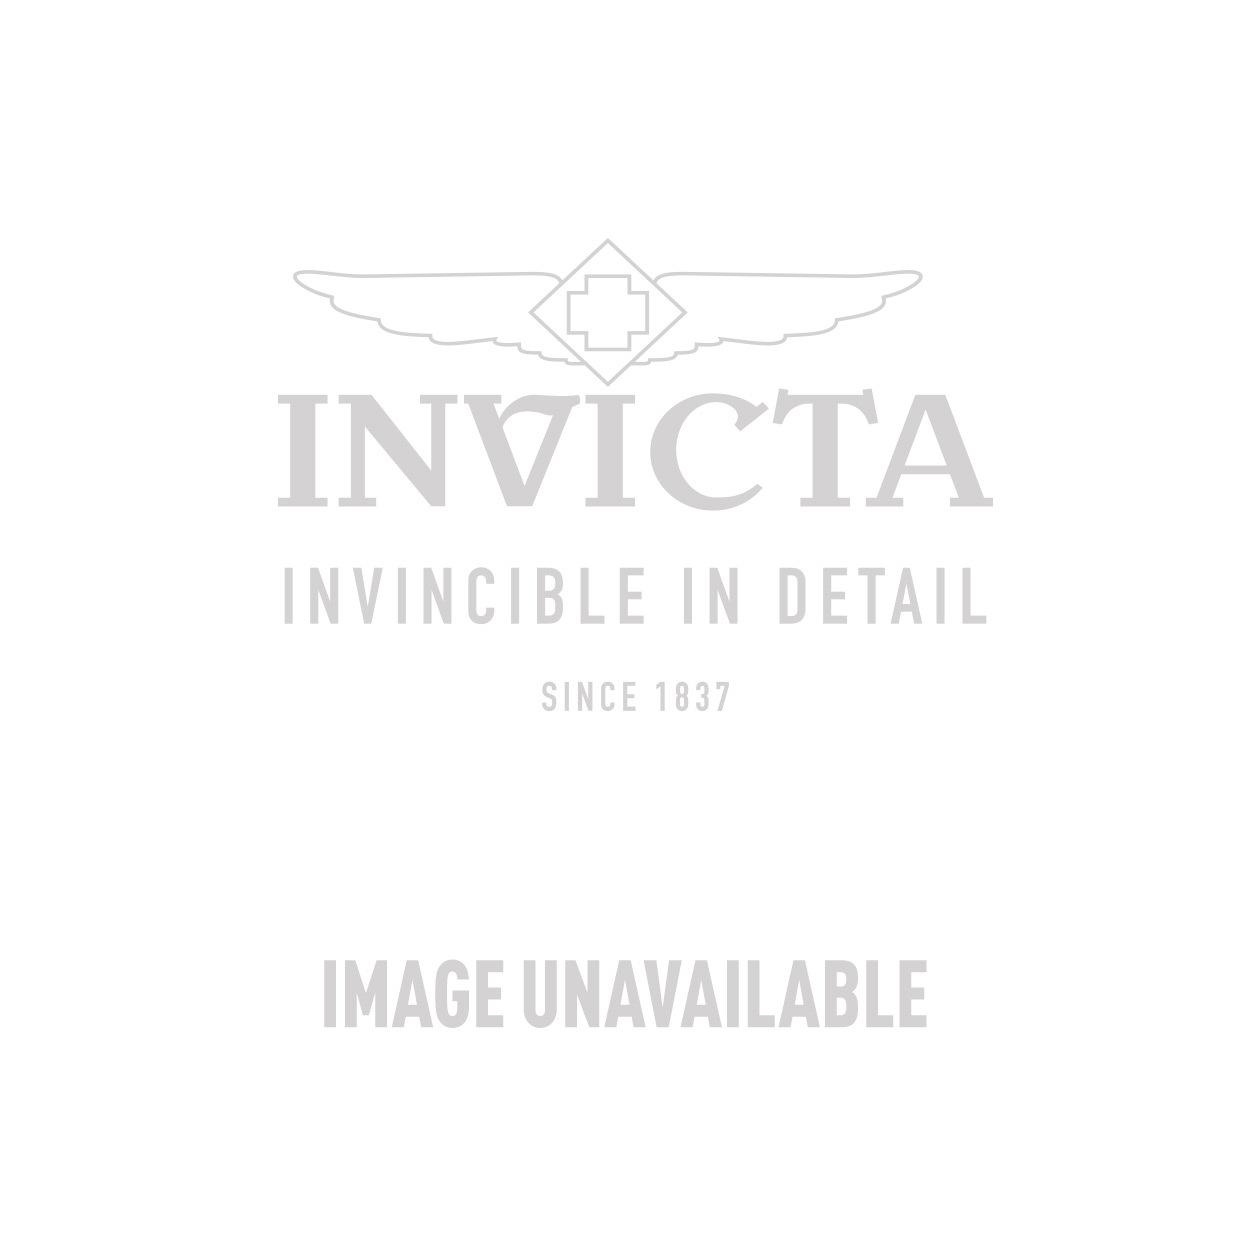 Invicta Model 26022